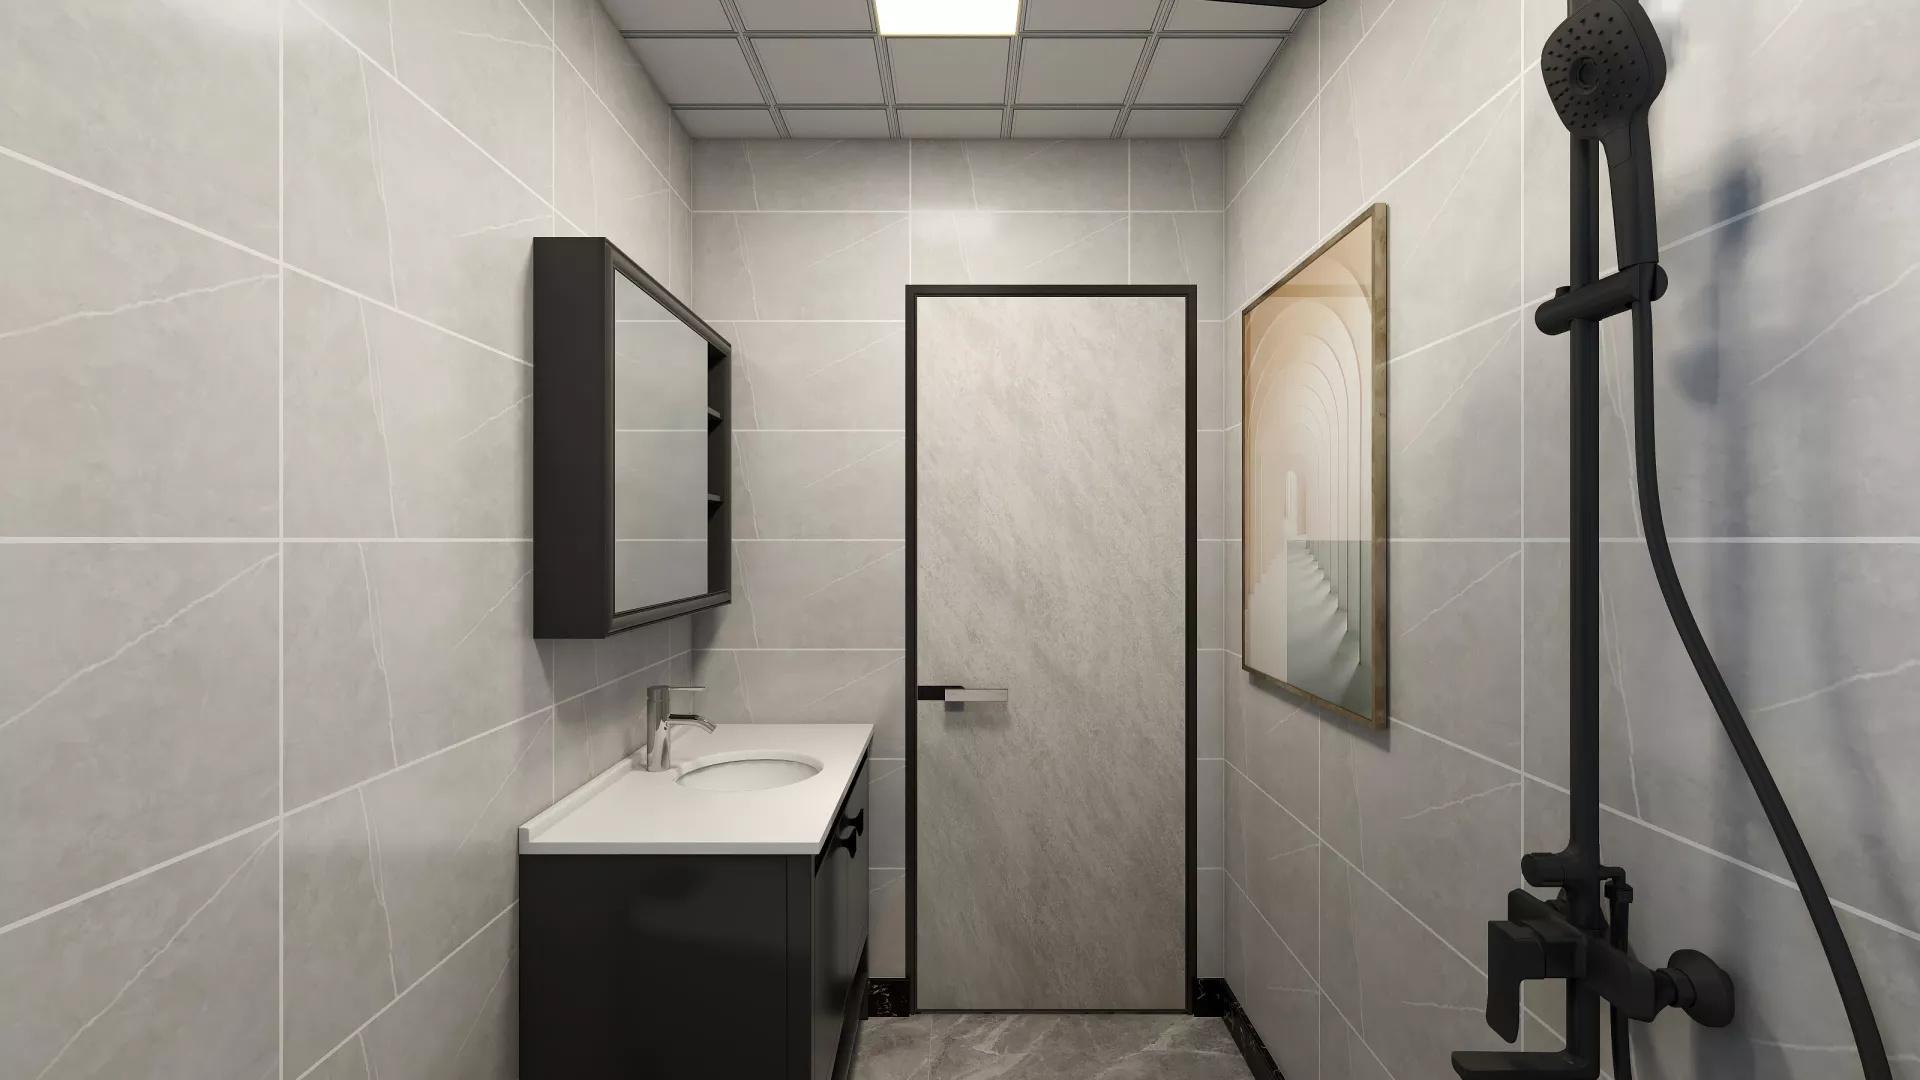 卫生间洗脸盆安装高度多少合适 卫生间洗脸盆品牌排行榜